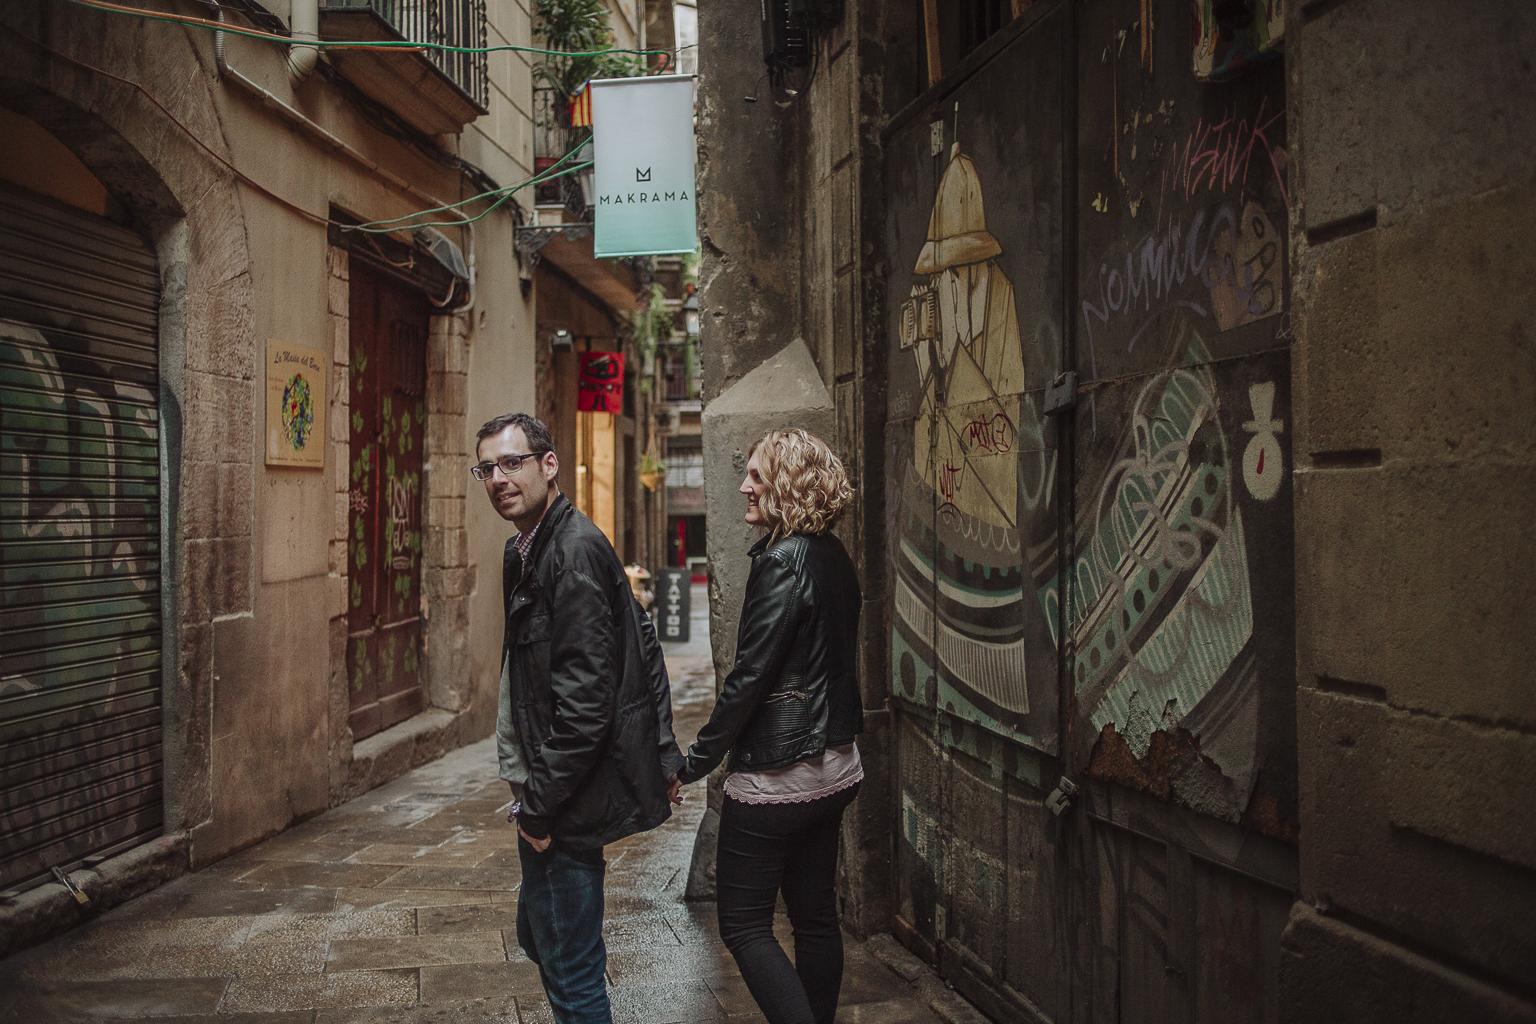 Fot grafo de pareja barcelona fot grafo de boda barcelona fot grafo rom ntico barcelona - Fotografos de barcelona ...